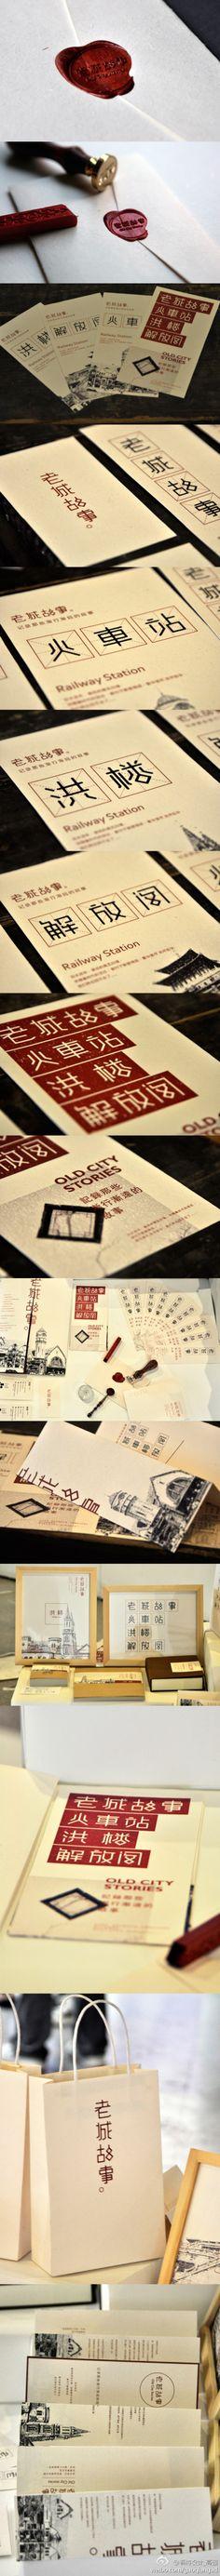 老城故事 old story #identity #packaging #branding